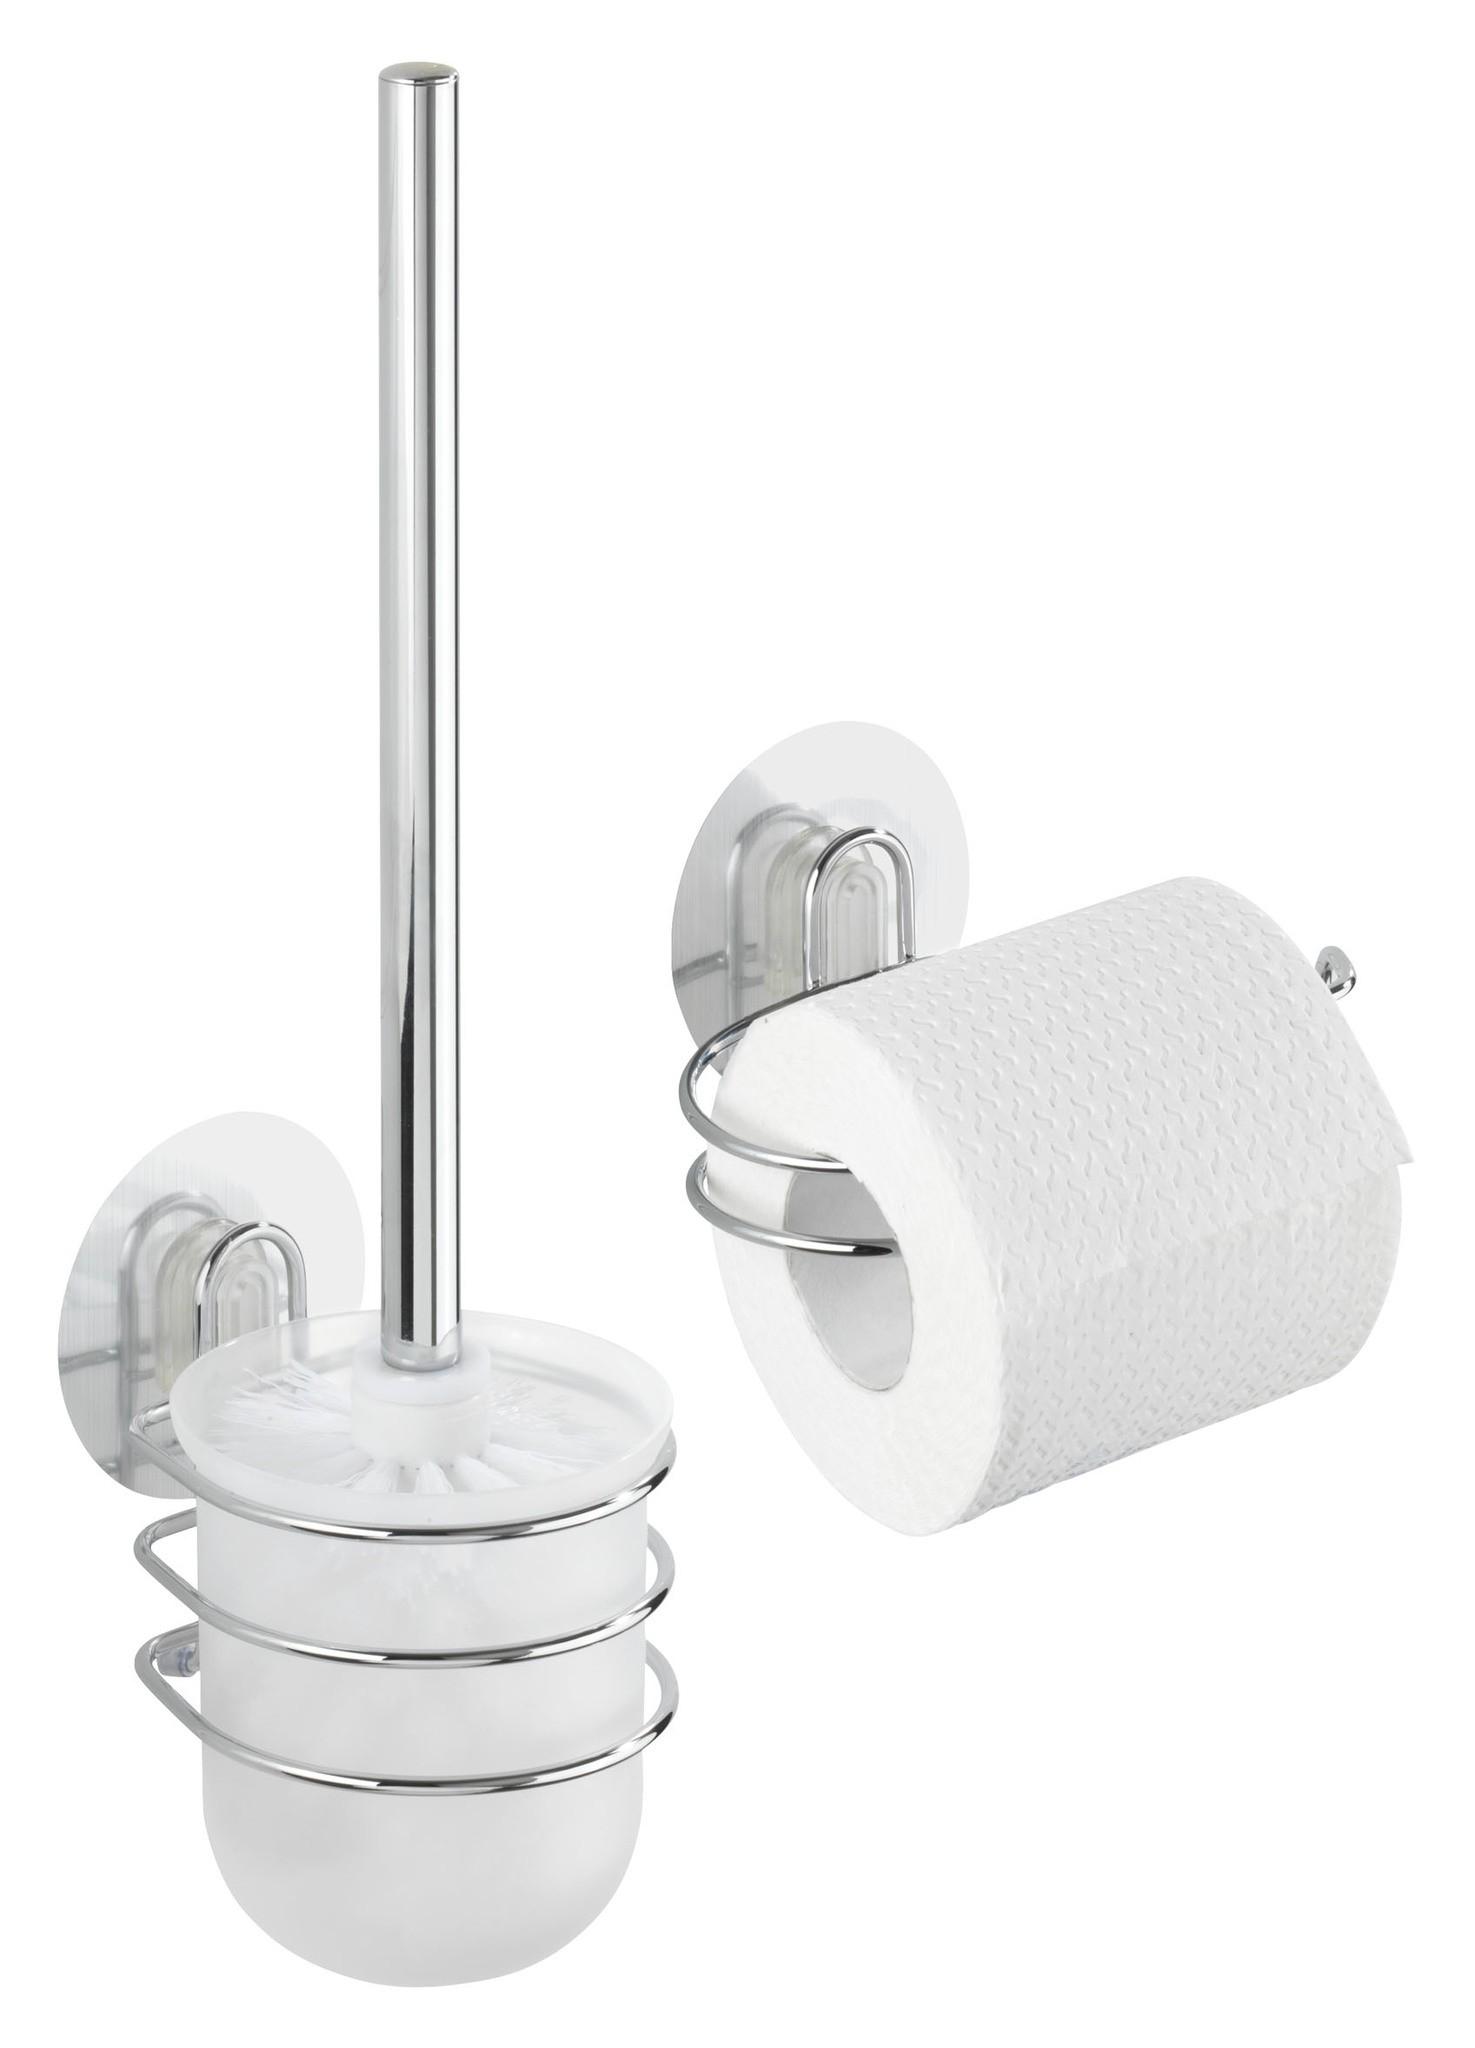 Static-Loc WC-Garnitur und WC-Rollenhalter Osimo, 2-teiliges Set, Befestigen ohne bohren